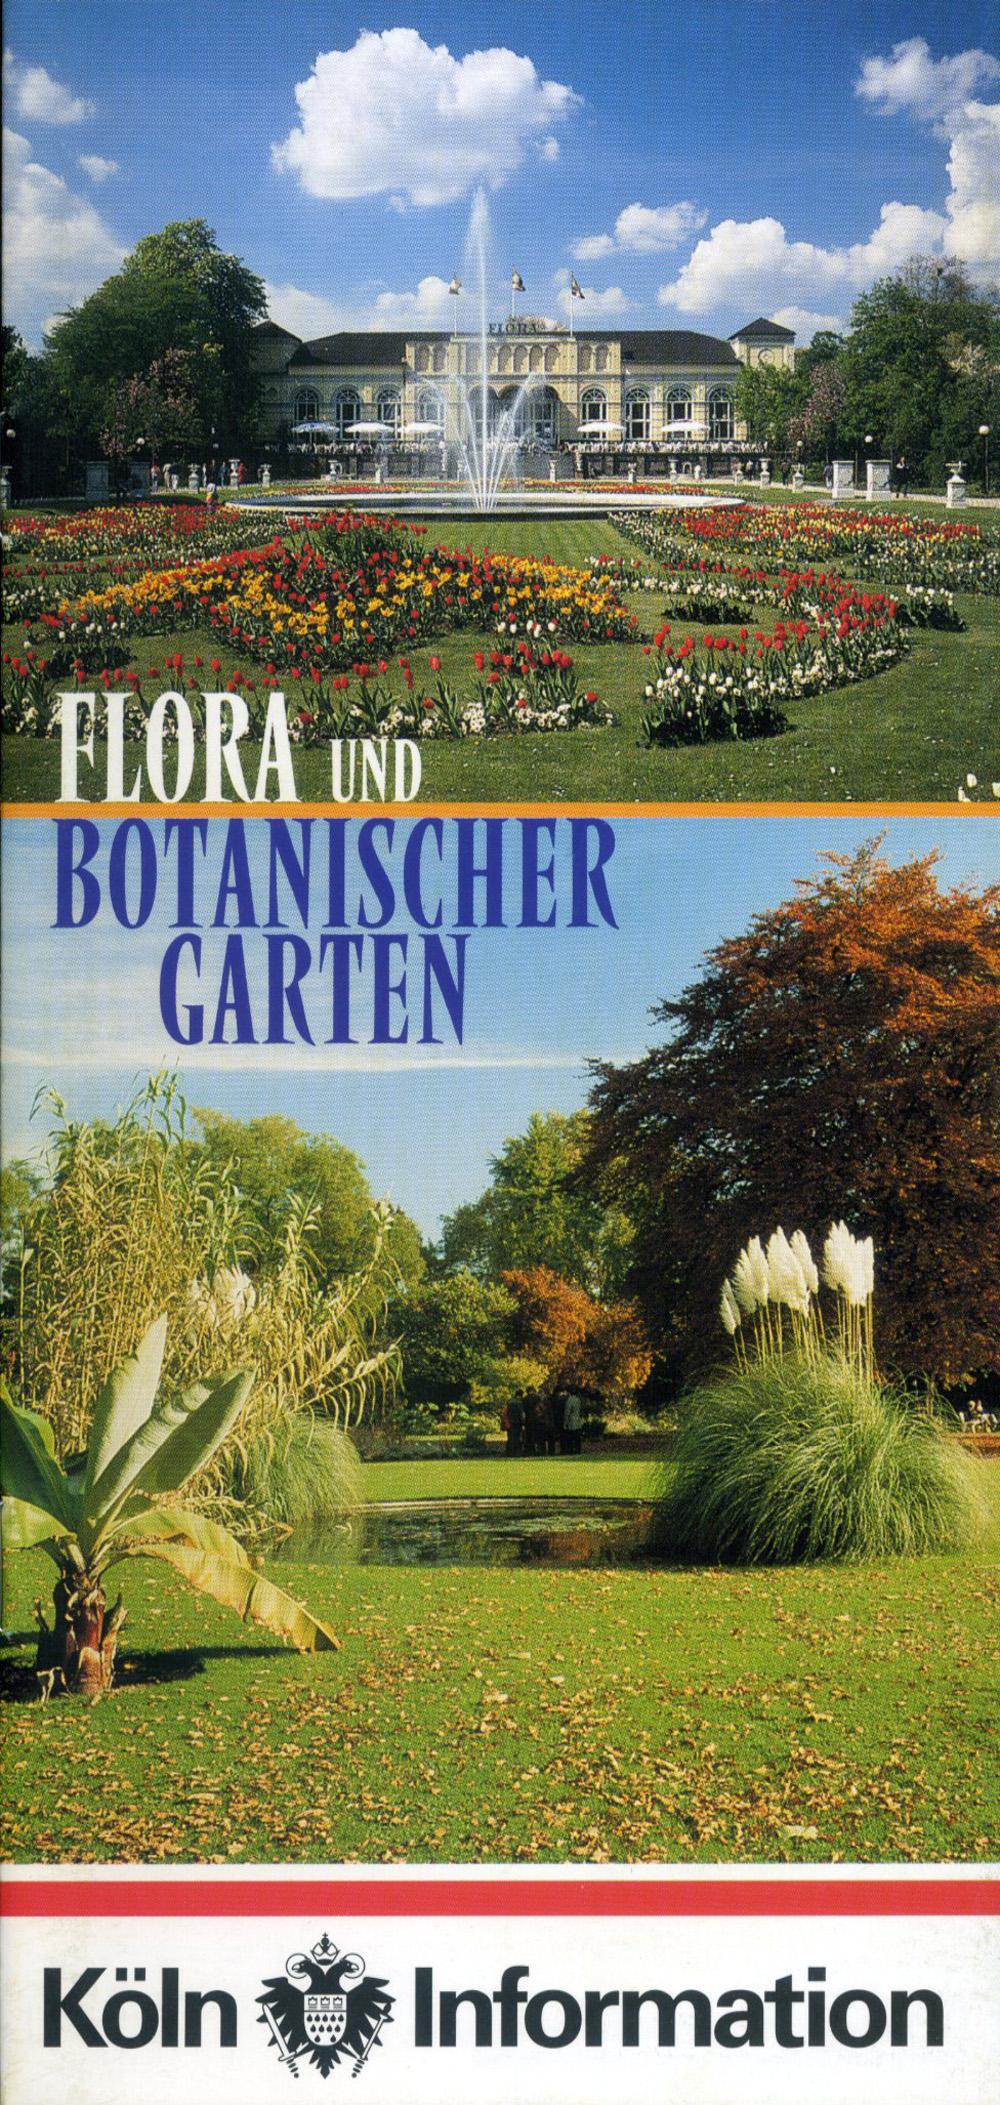 Les Zoos dans le Monde - Flora und Botanischer Garten